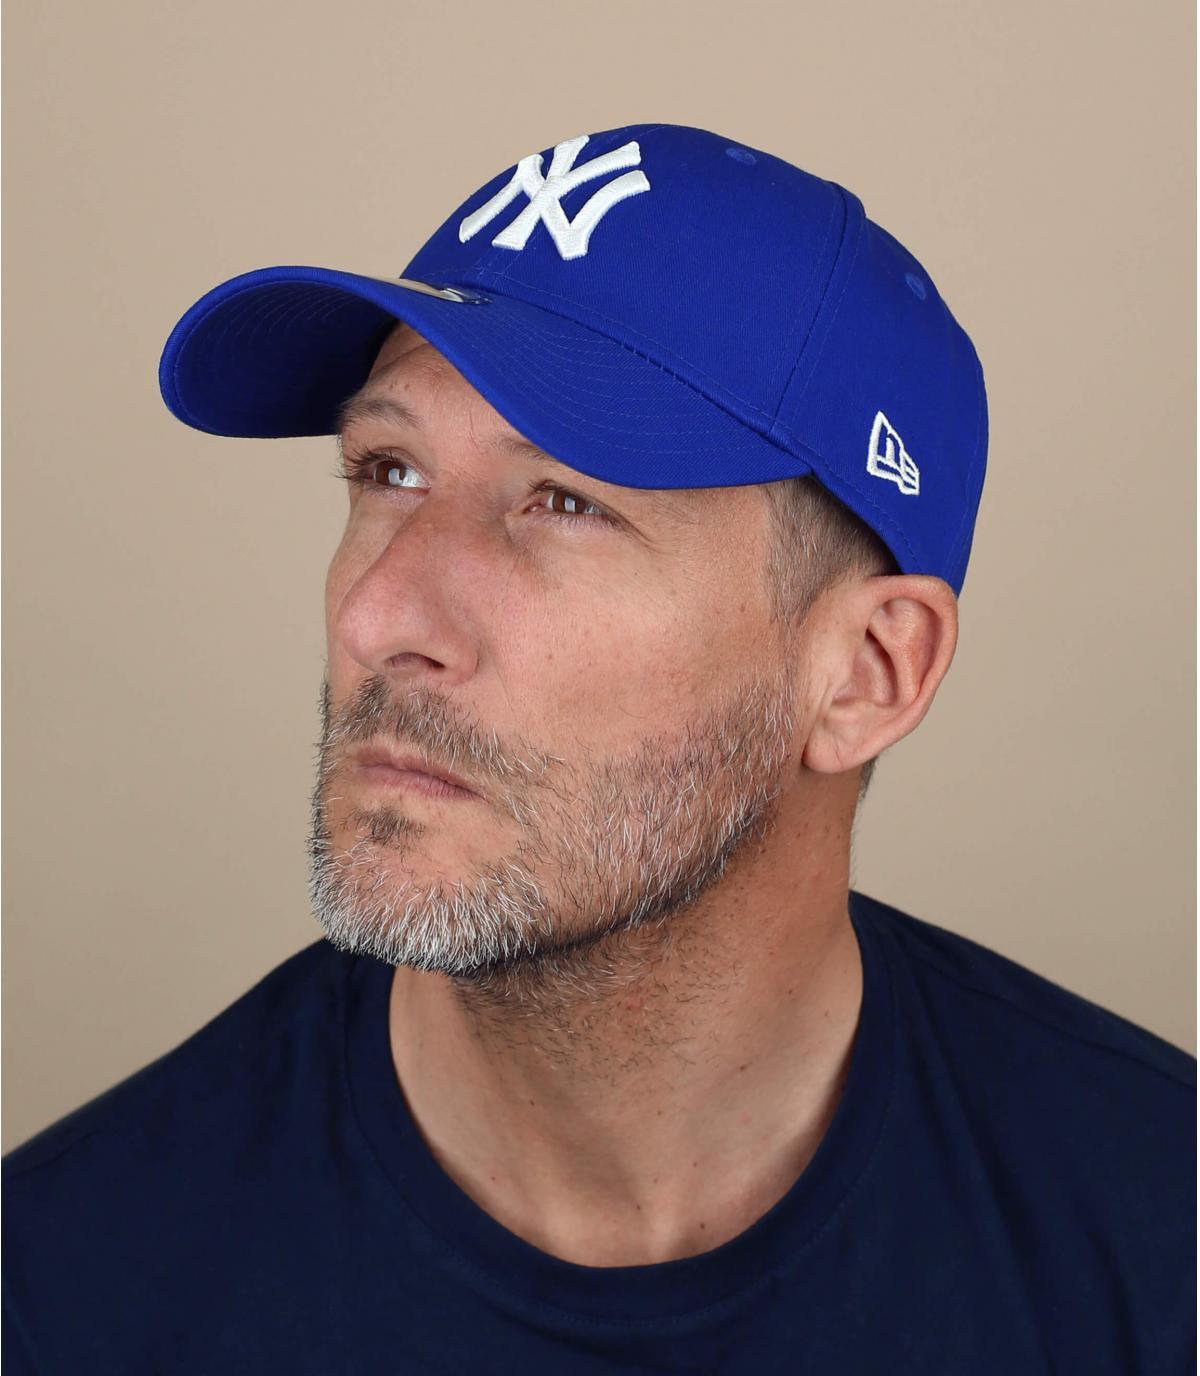 Trucker NY league basic royal blue